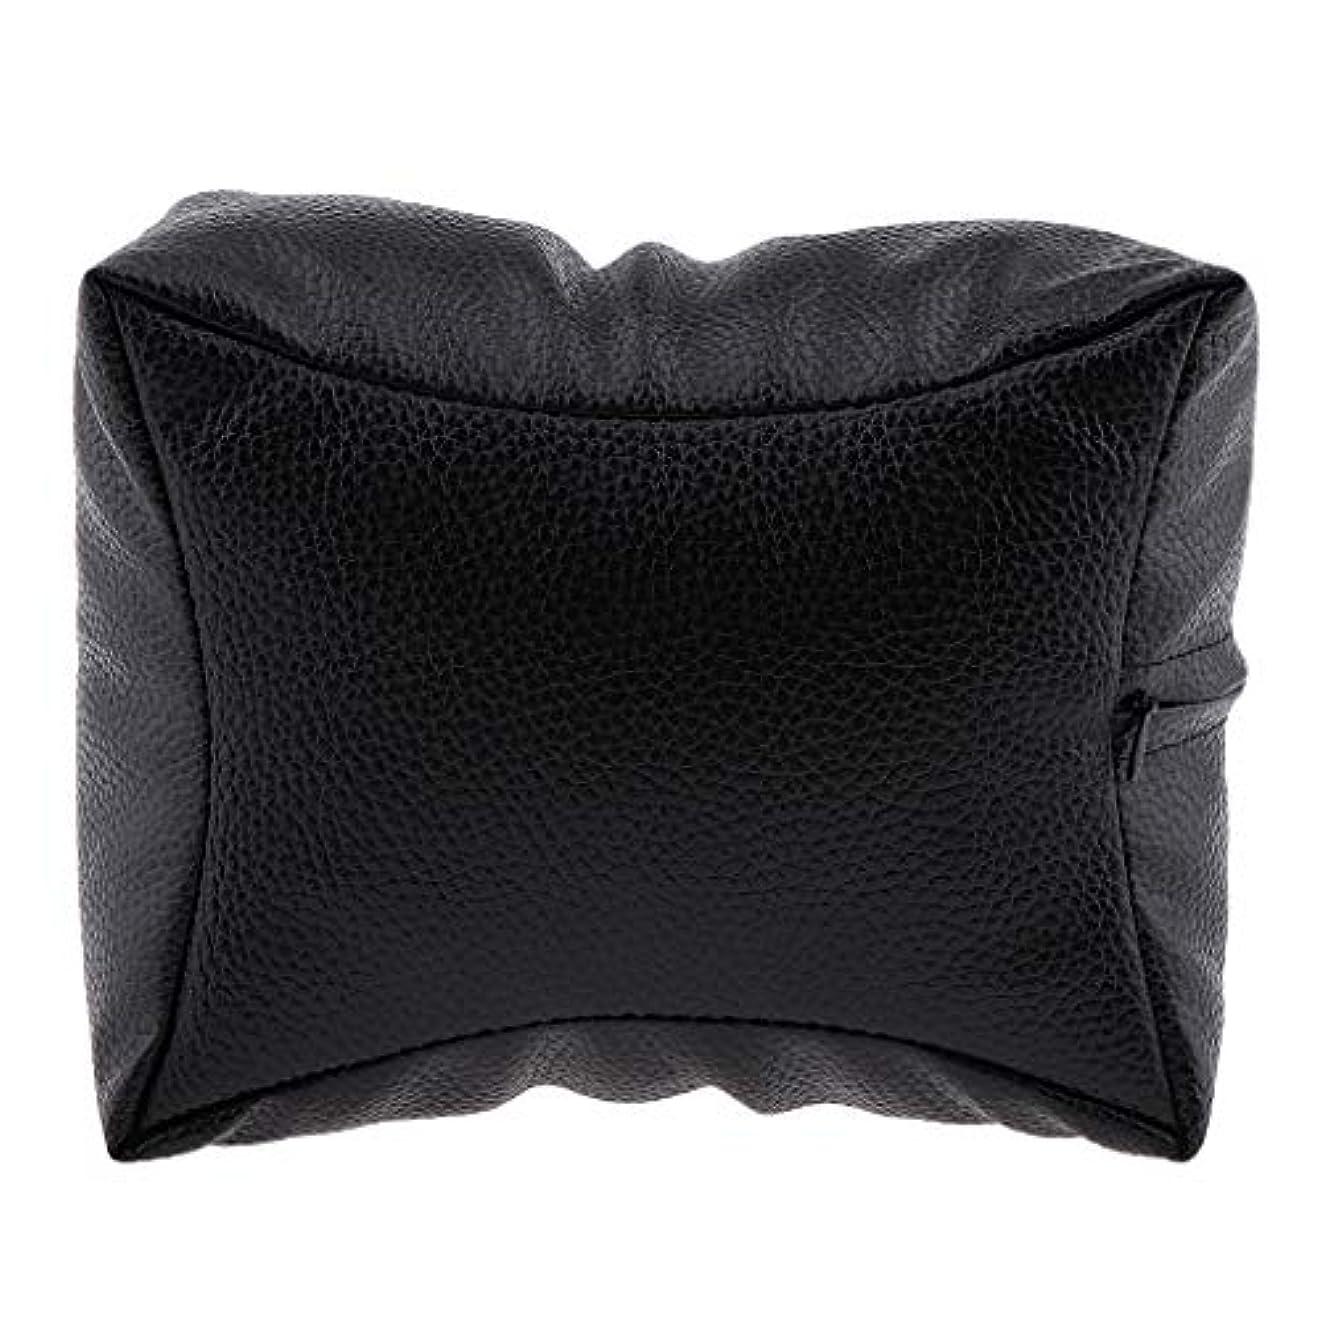 崩壊キリマンジャロデジタルDYNWAVE 手枕 ハンドピロー ハンドクッション ネイルアート 個人 家庭 ネイルサロン 4色選べ - ブラック